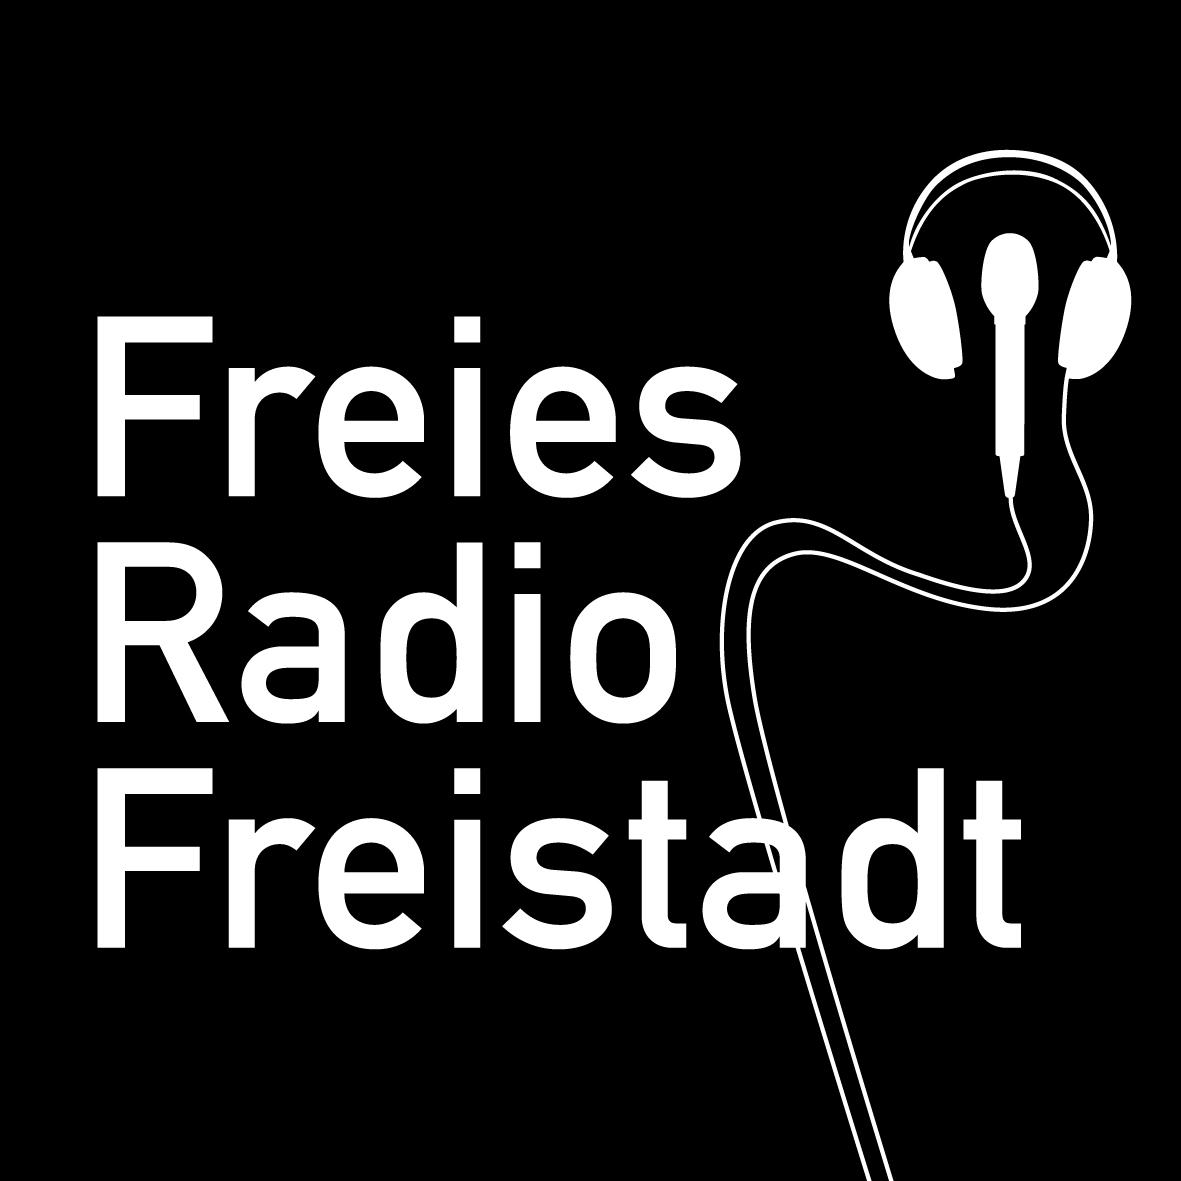 frf_logo